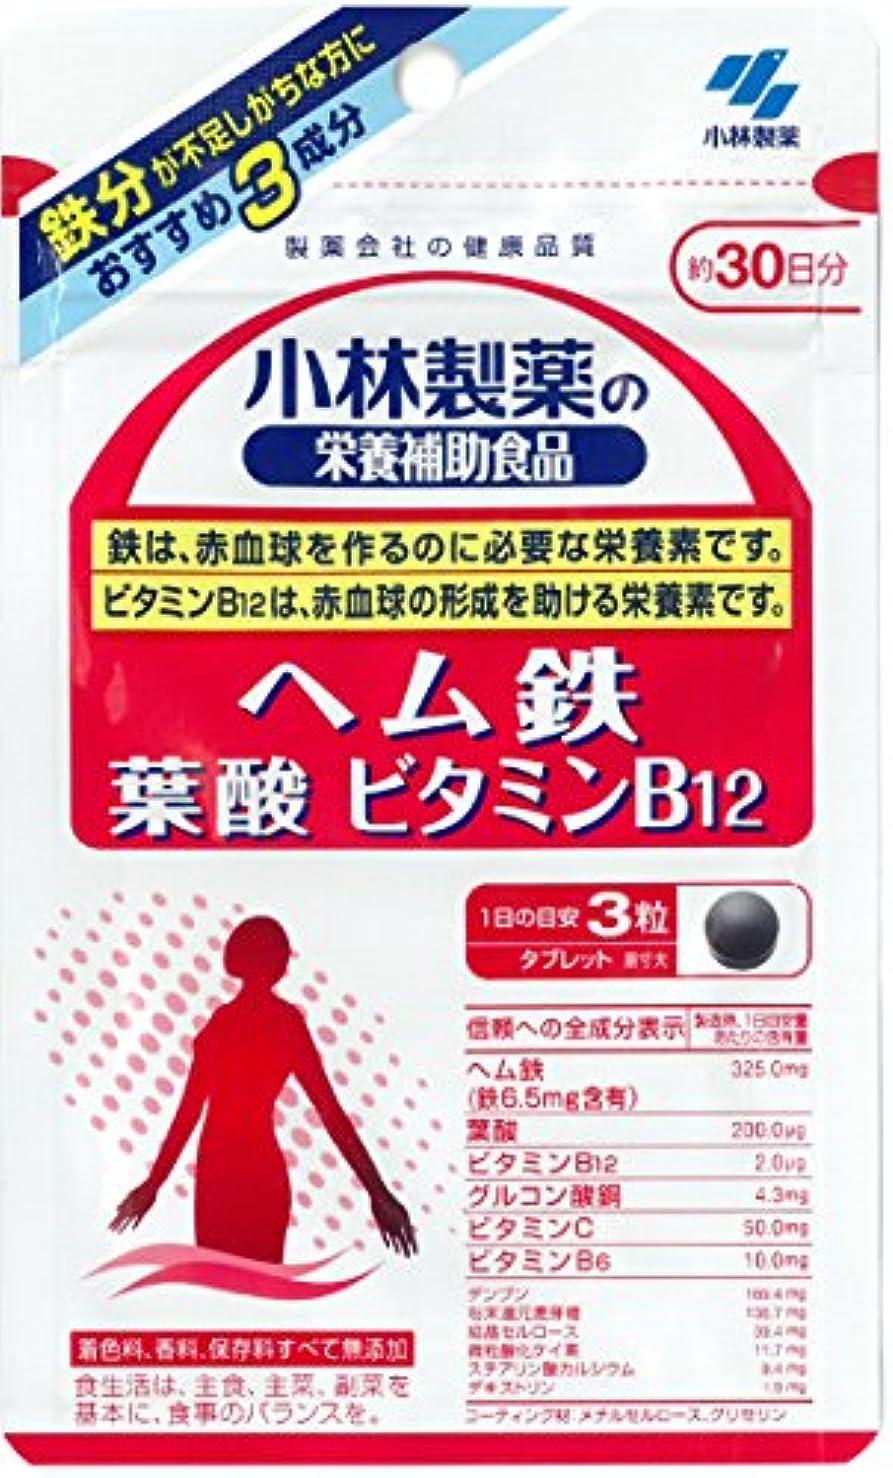 ビクター農場蓮小林製薬の栄養補助食品 ヘム鉄 葉酸 ビタミンB12 約30日分 90粒